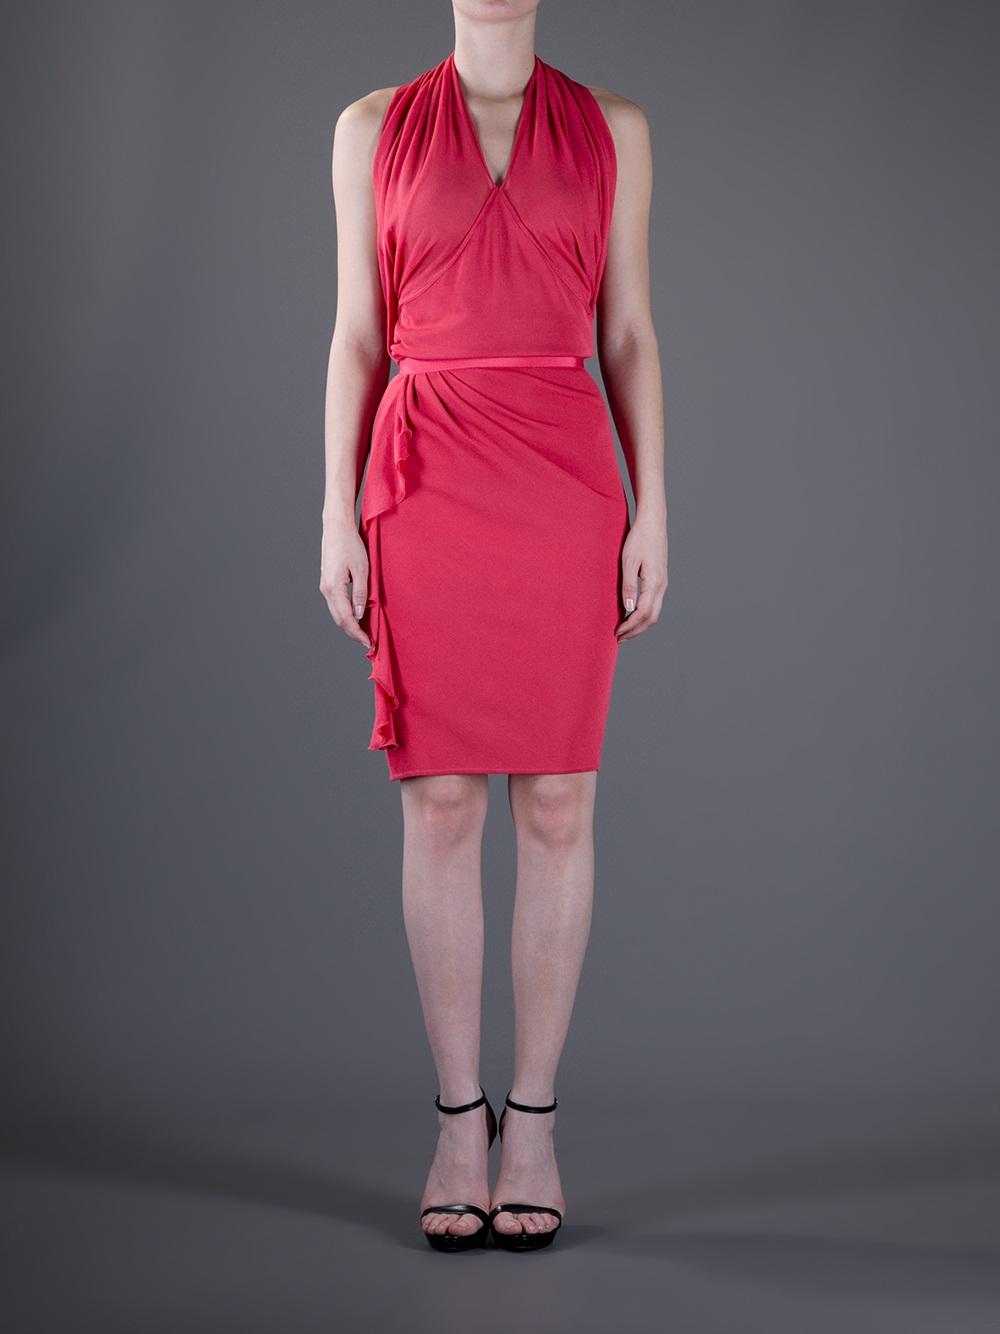 Lyst Giambattista Valli Halterneck Dress In Pink